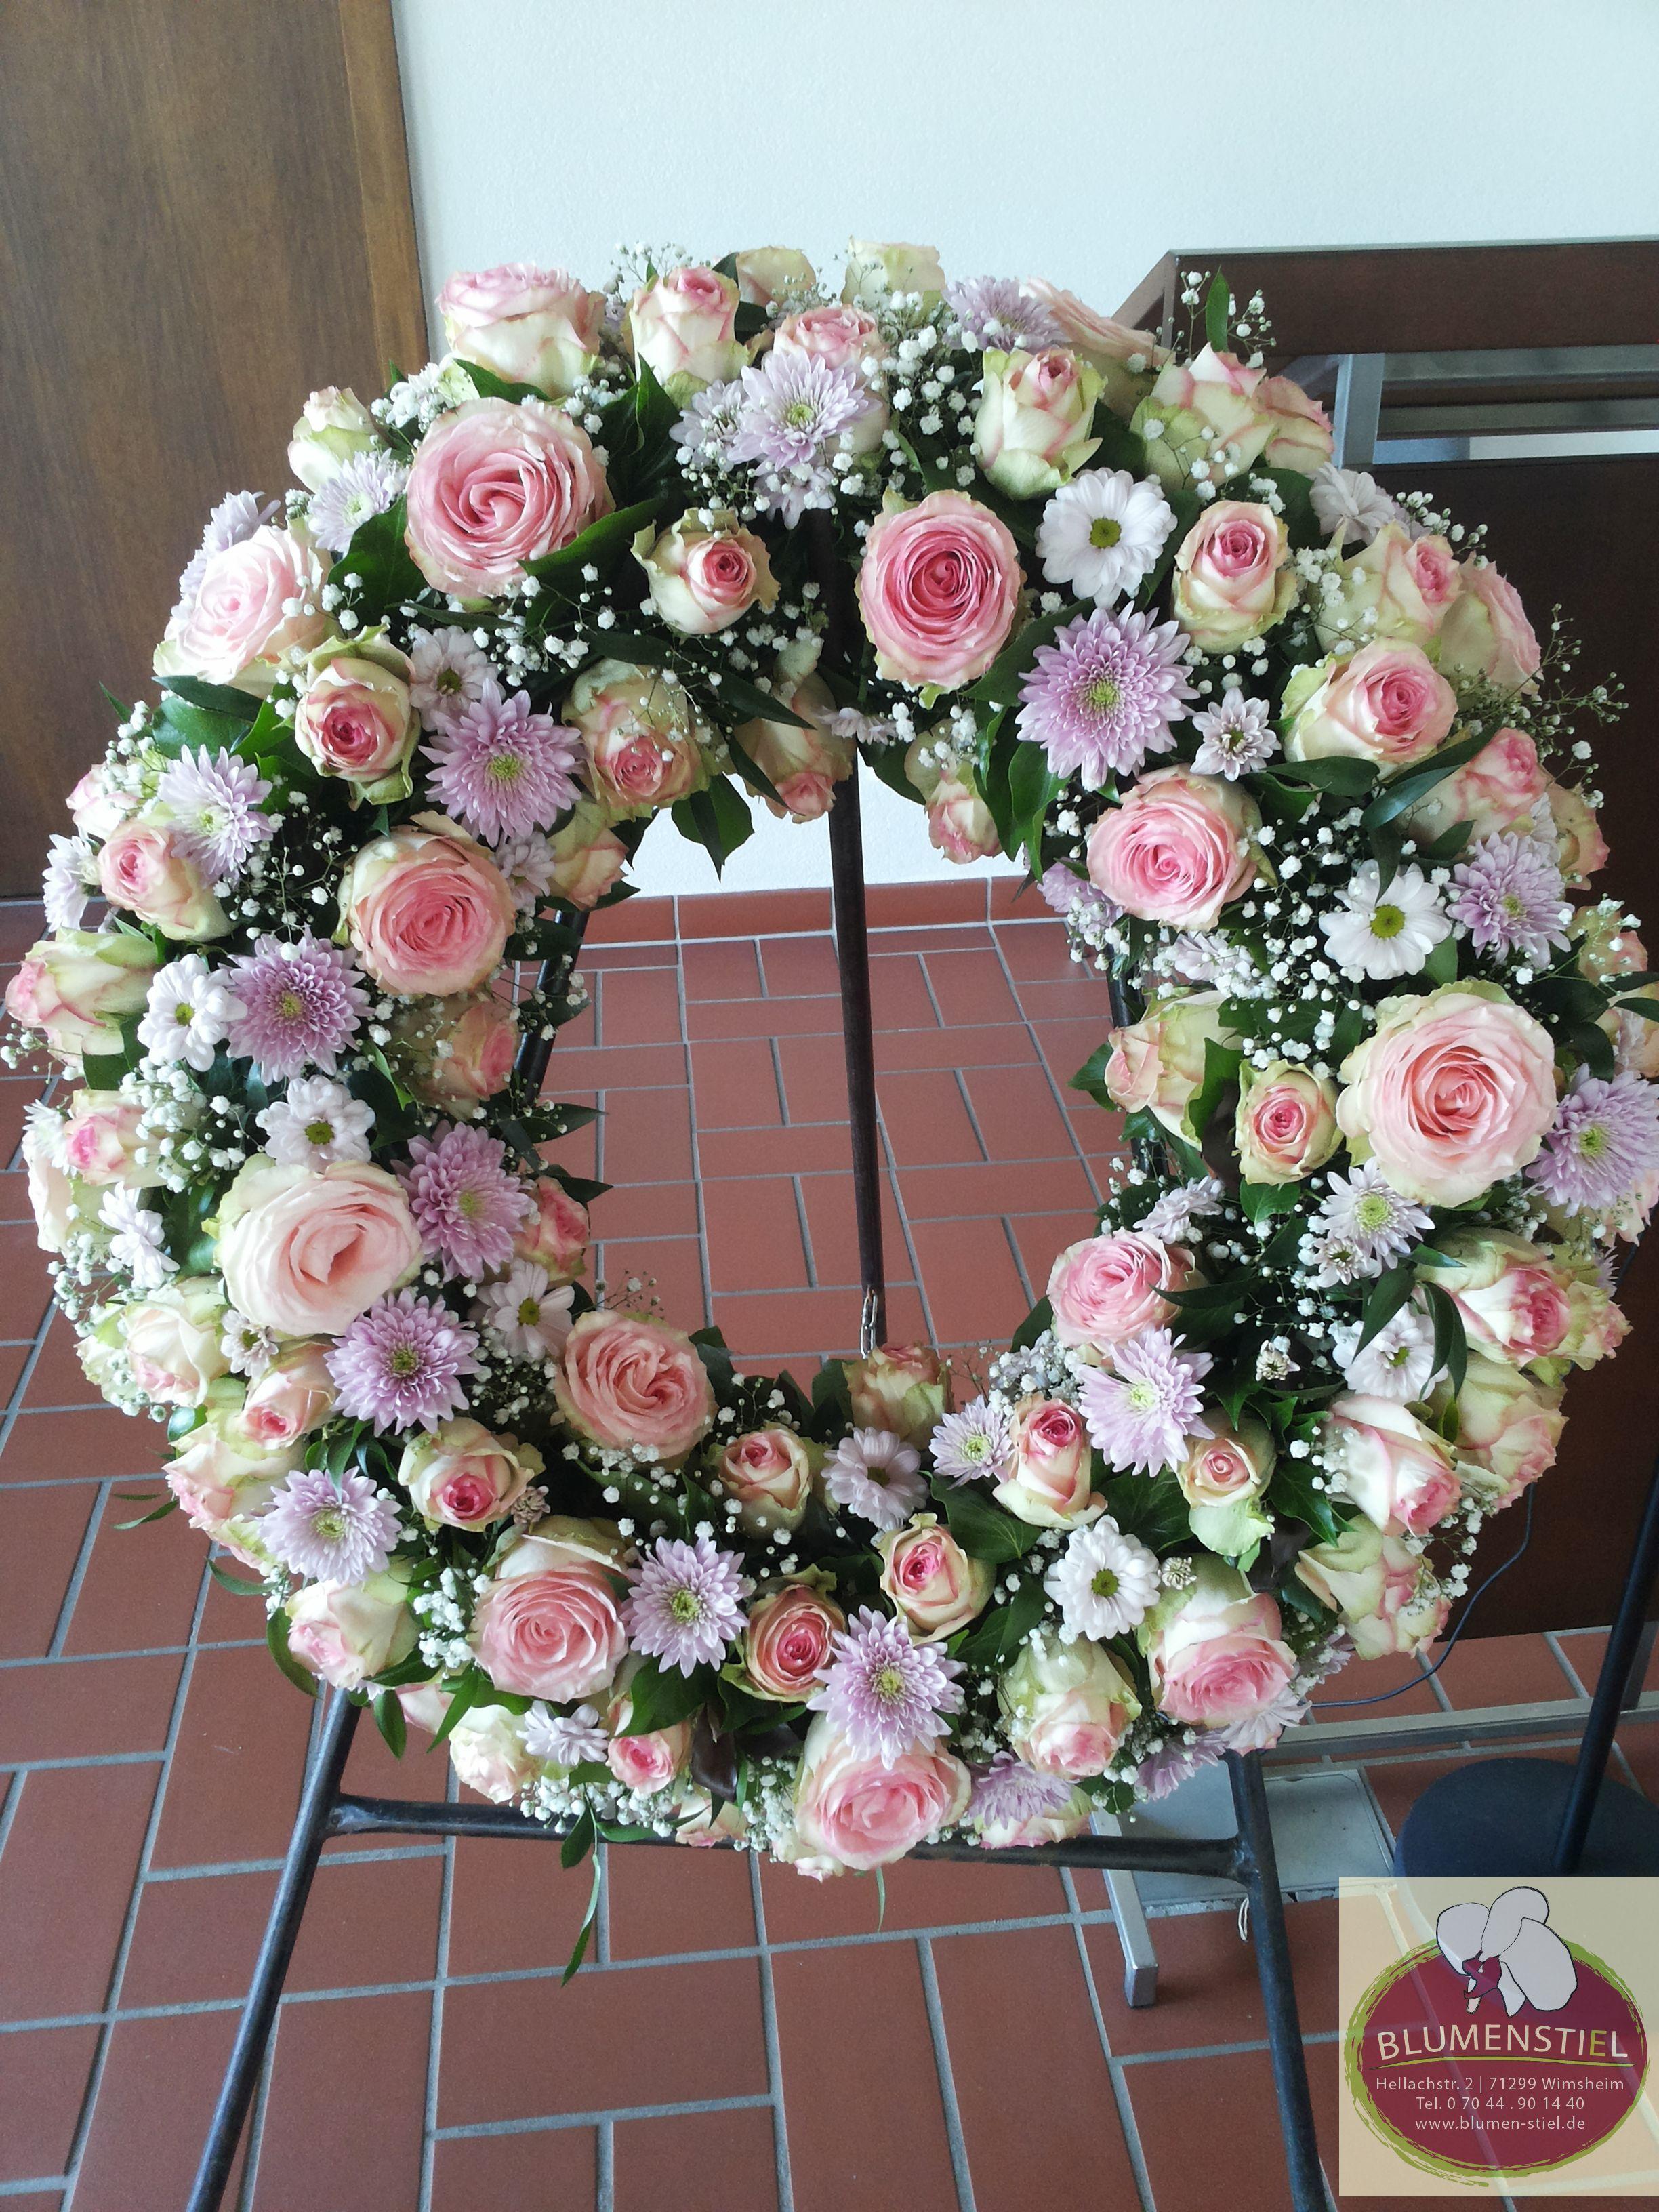 Trauerkranz in zartrosaweicreme mit Rosen